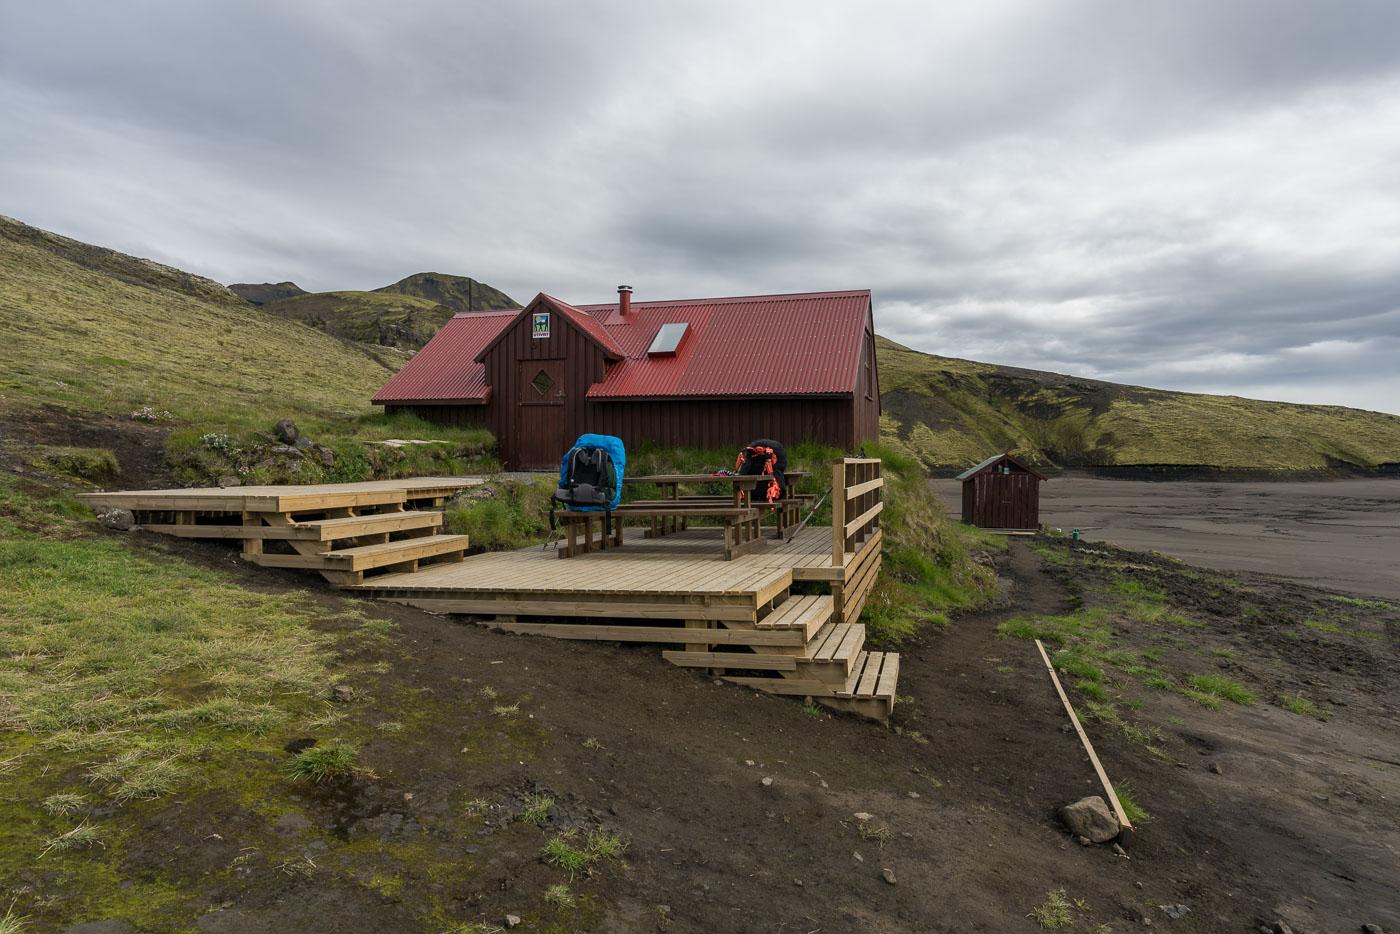 Sveinstindur Hütte